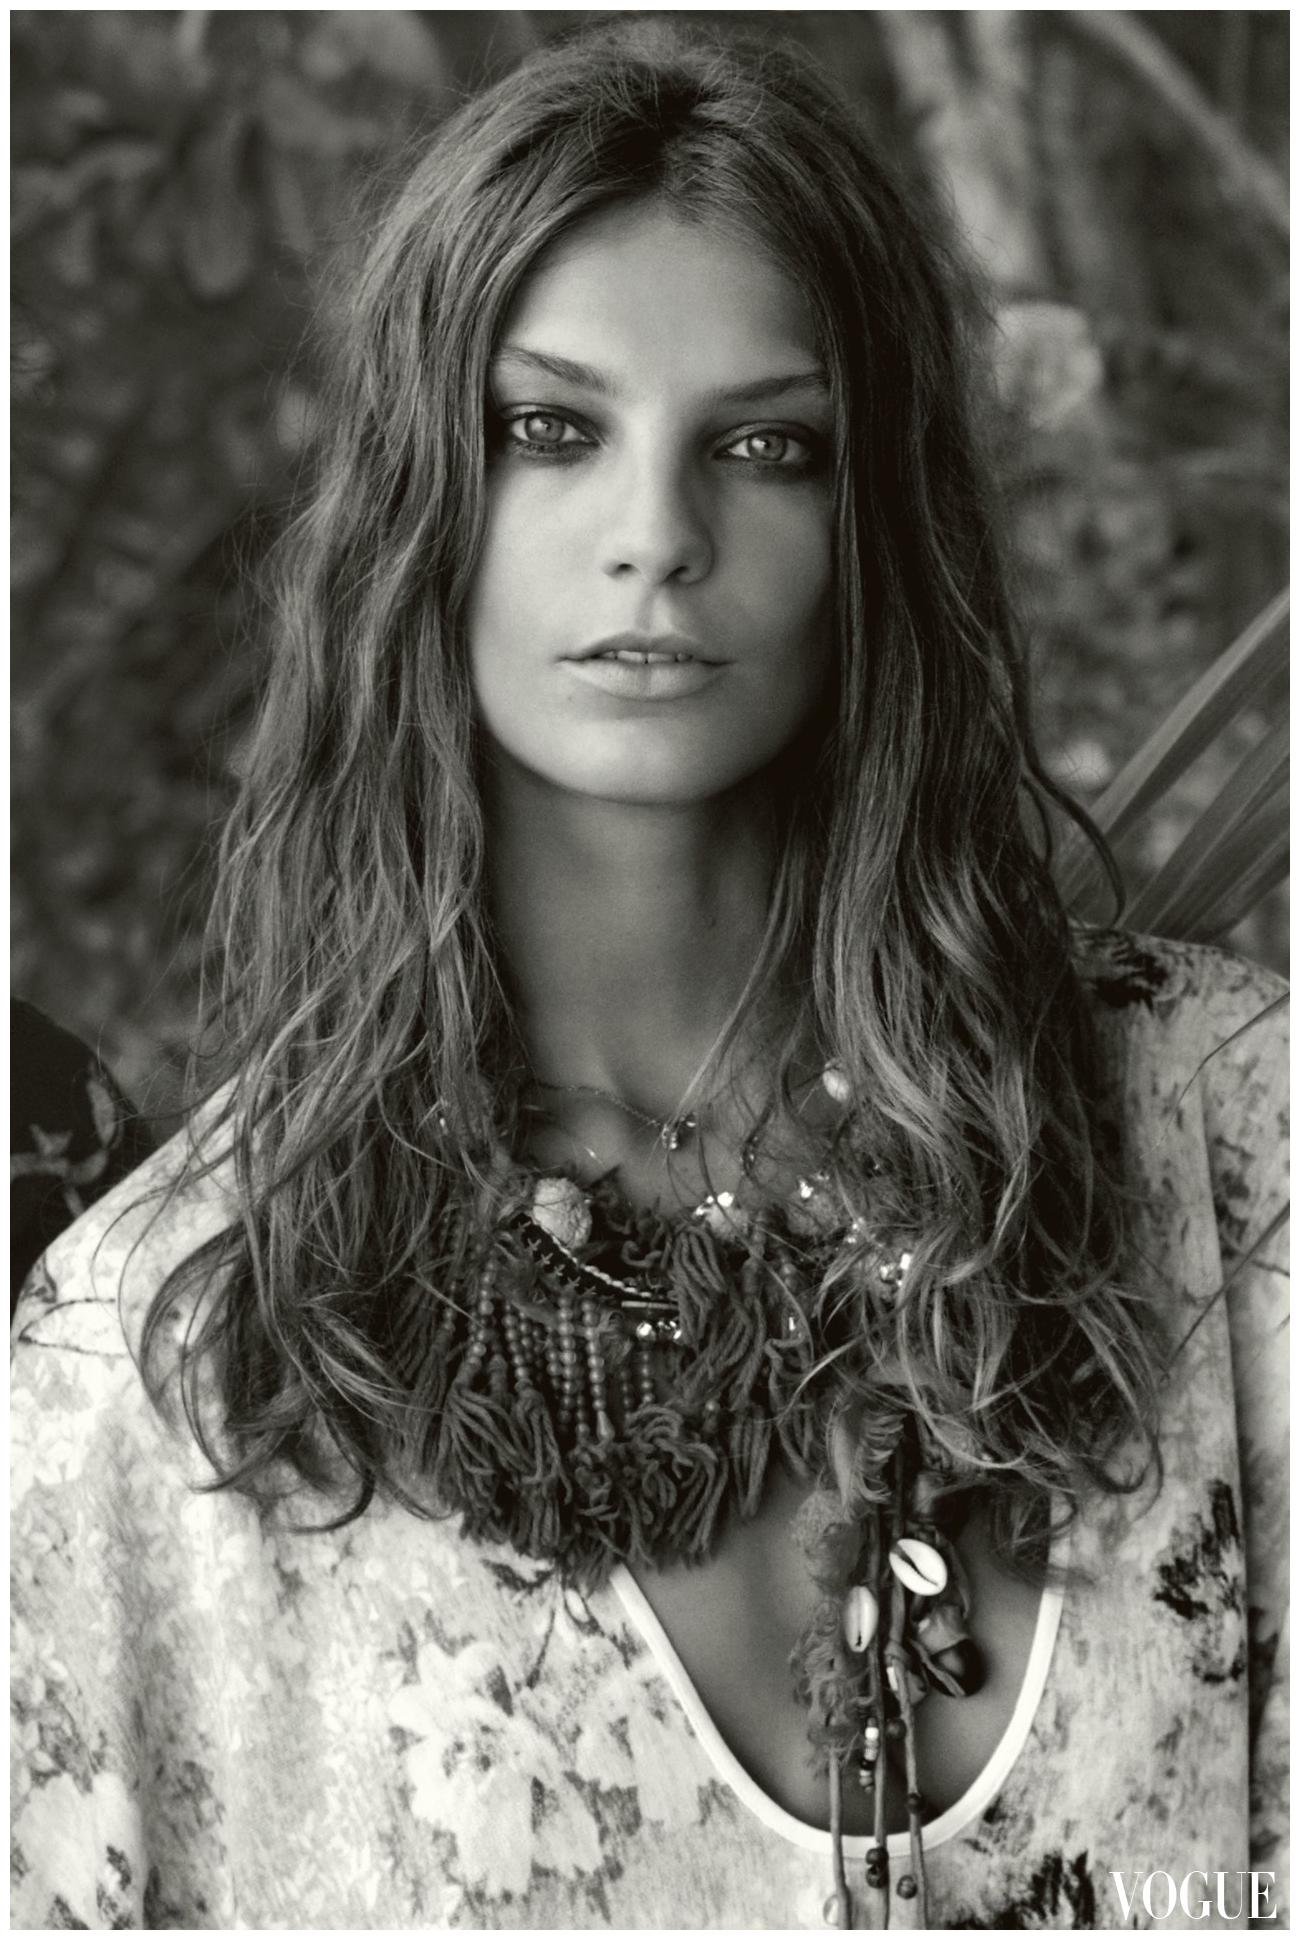 Daria Werbowy Bob Daria Werbowy Vogue Photo